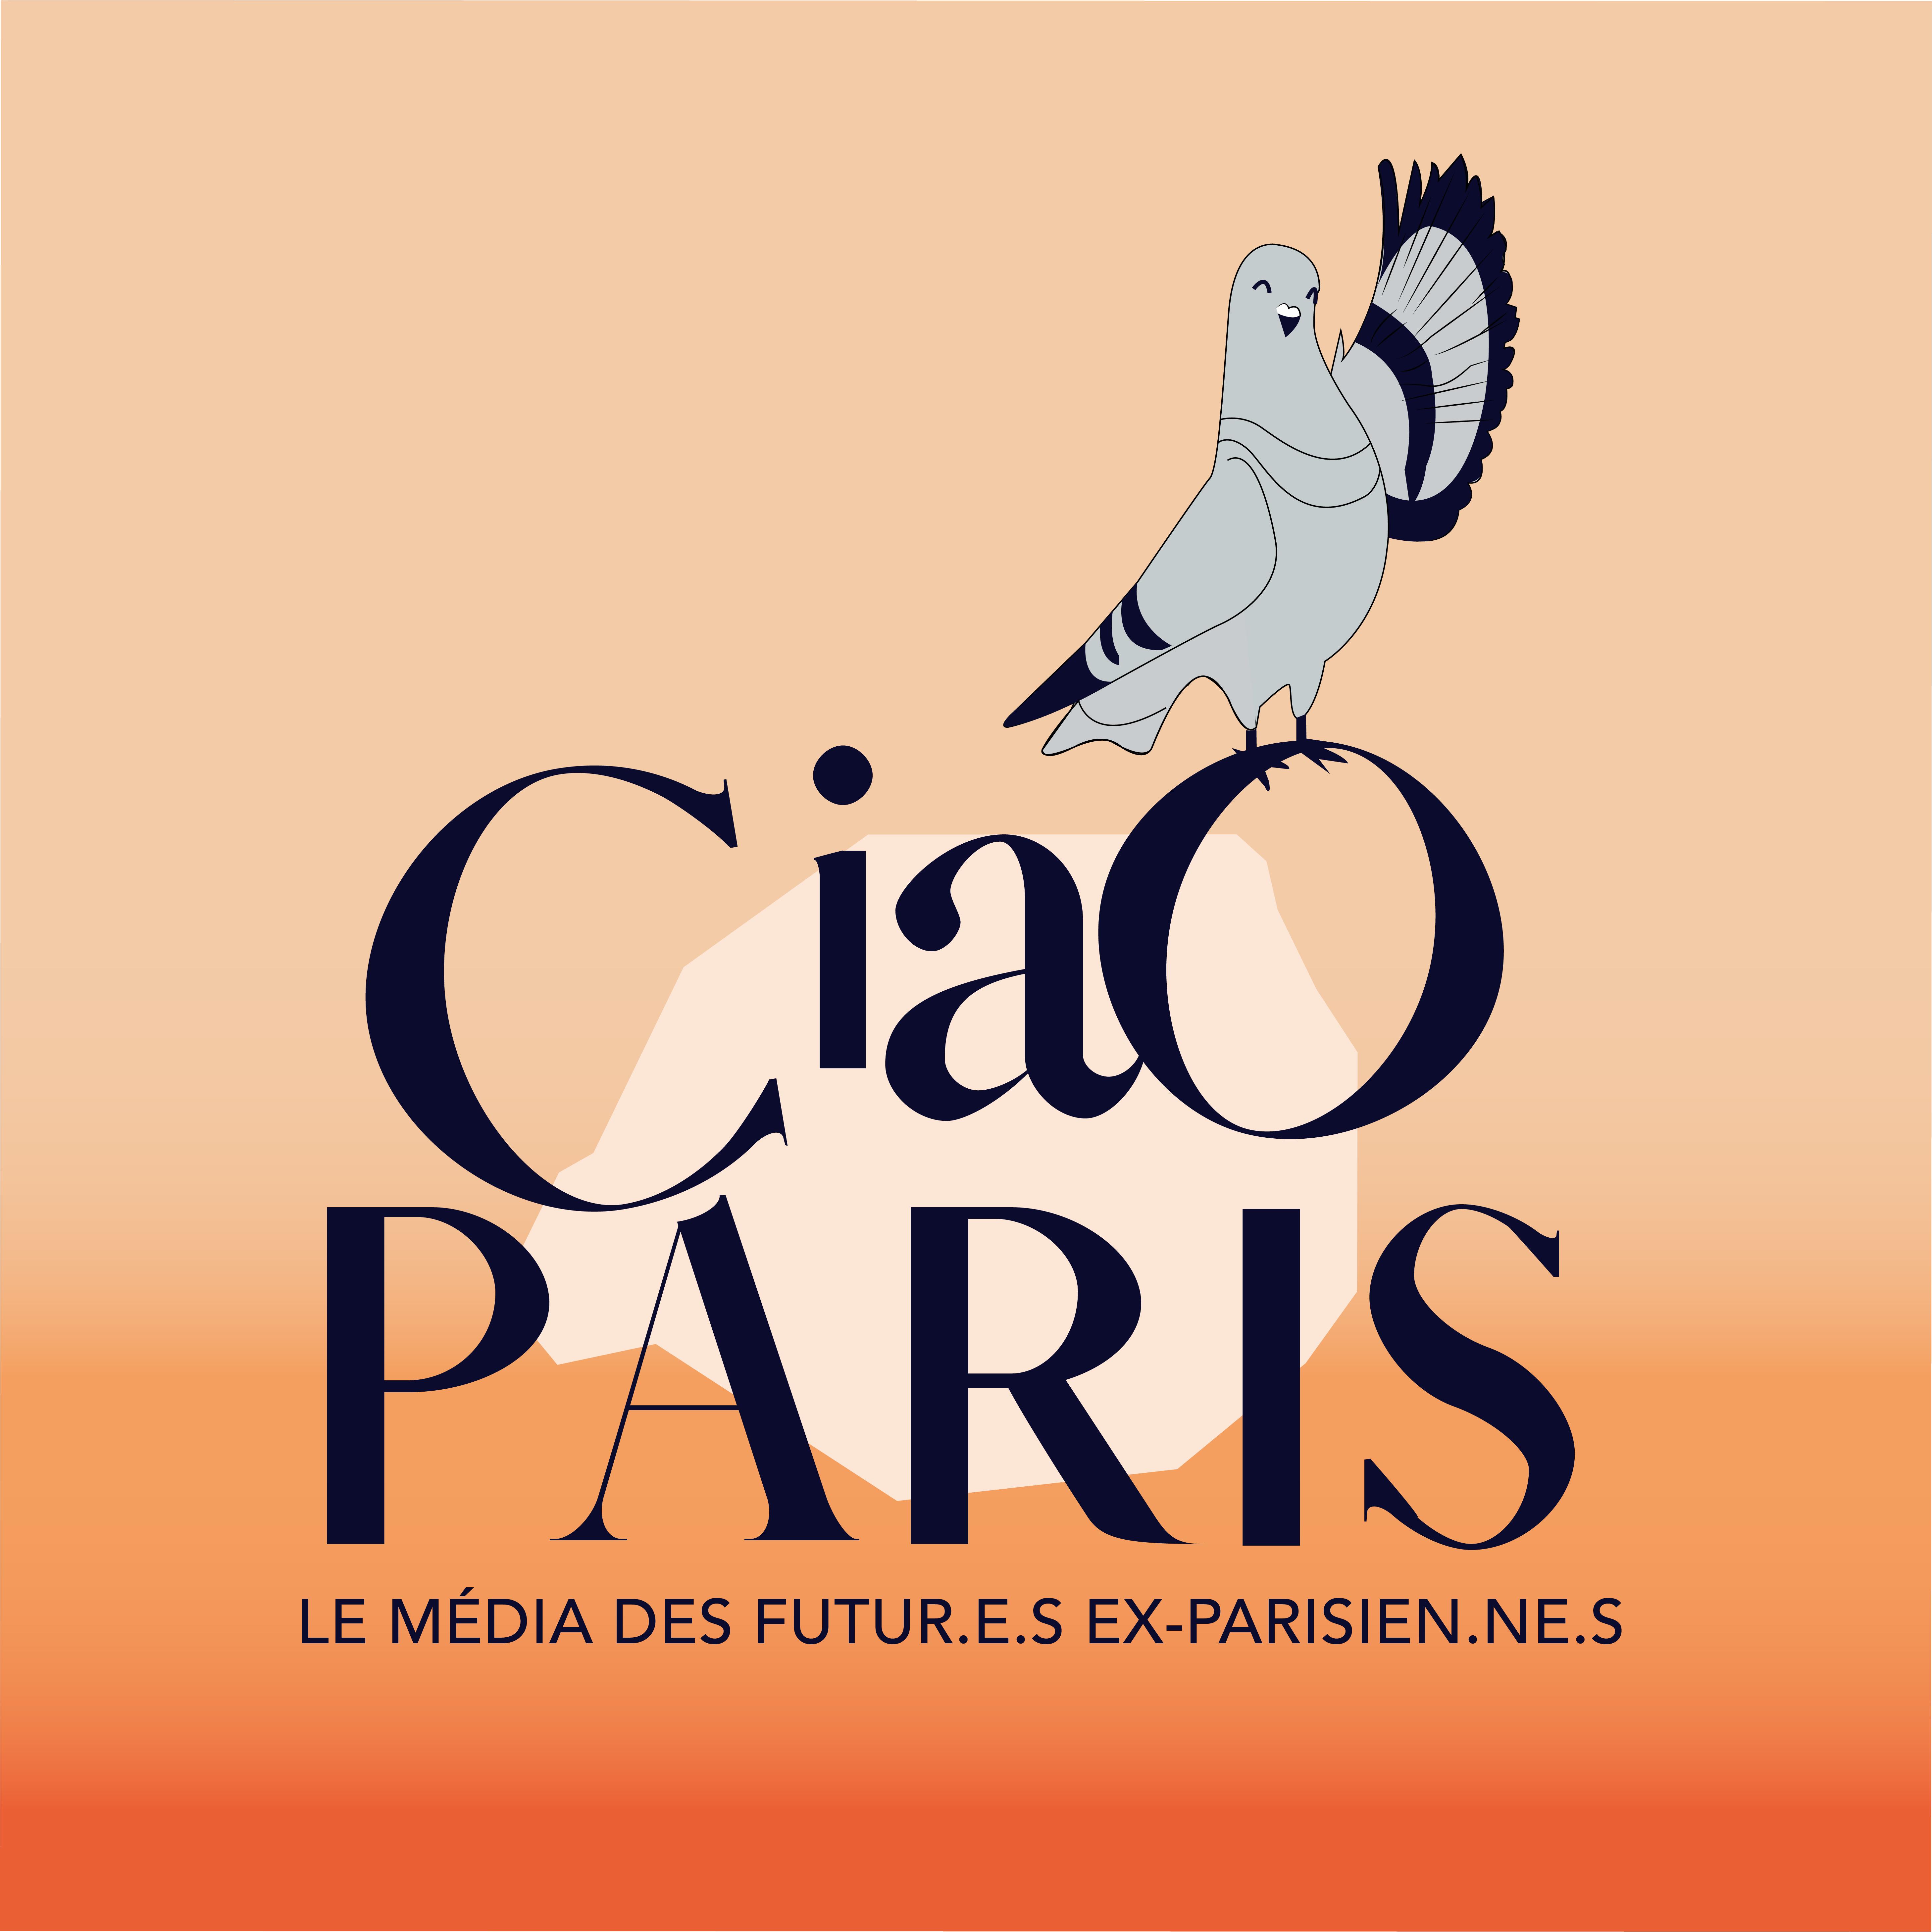 """""""Ciao Paris"""", le podcast des parisiens qui s'installent en Corse et ailleurs"""